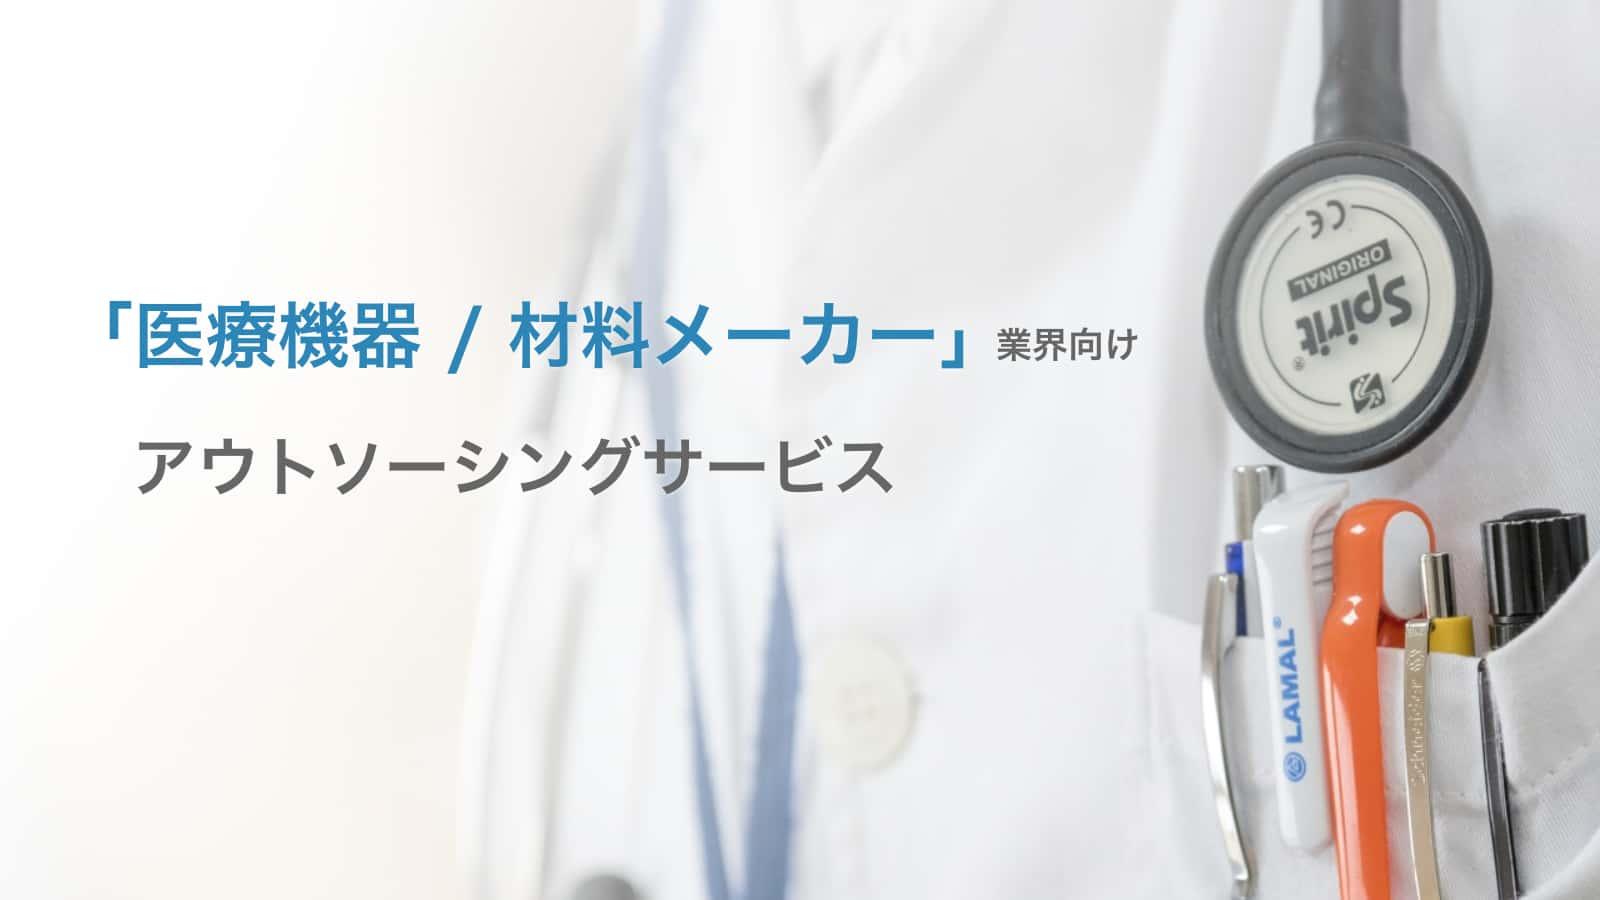 医療機器・材料メーカー業界向けのアウトソーシングサービスについて